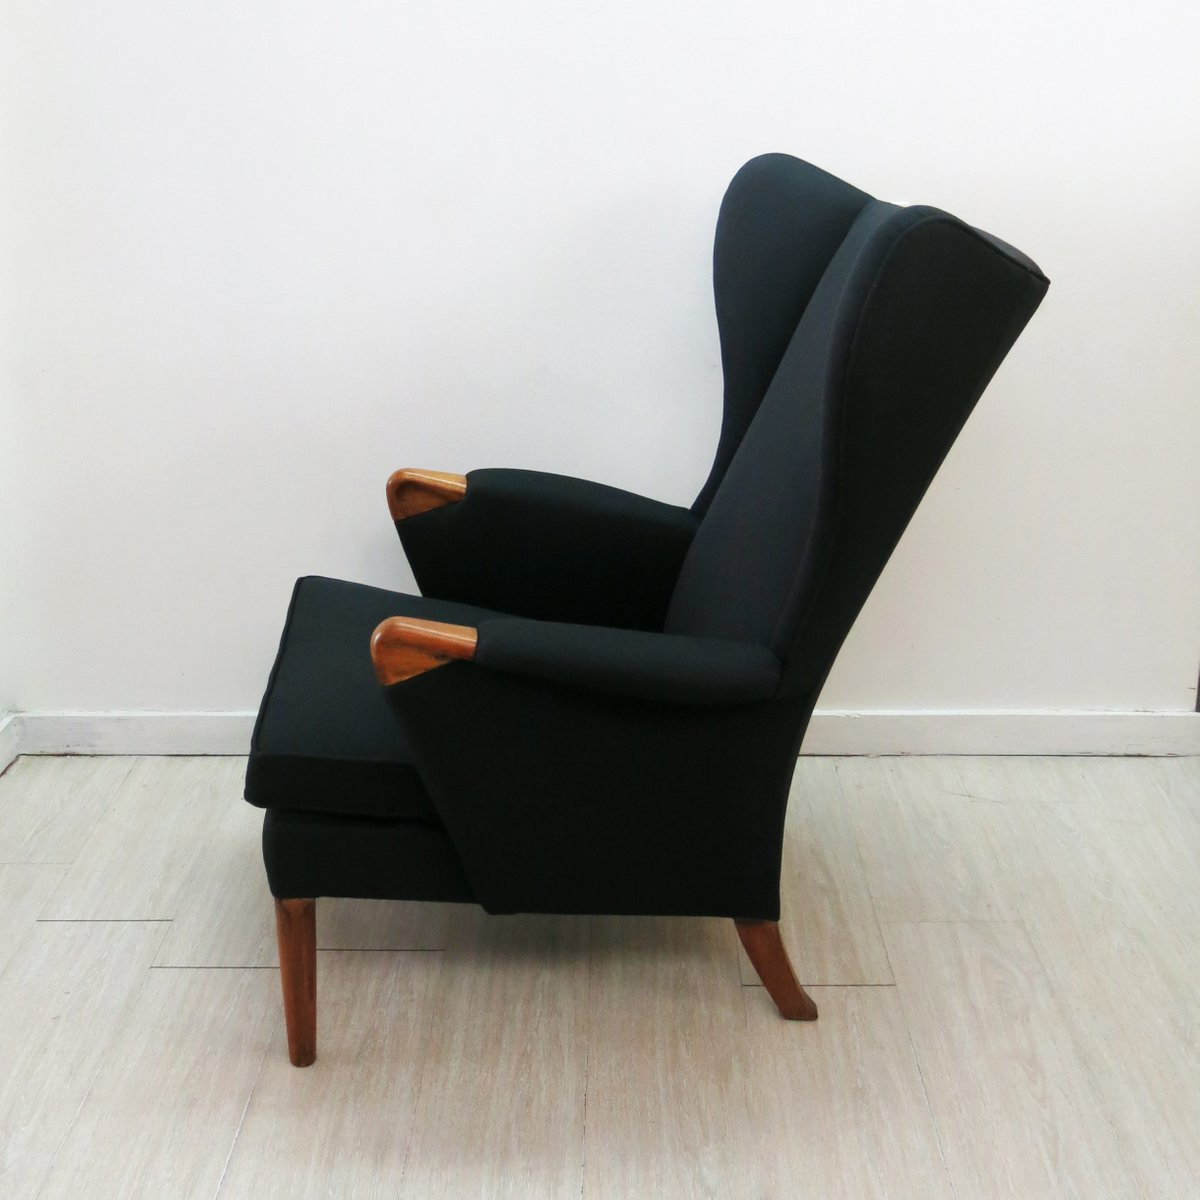 fauteuil oreilles noir avec pieds en teck de parker knoll 1960s en vente sur pamono. Black Bedroom Furniture Sets. Home Design Ideas